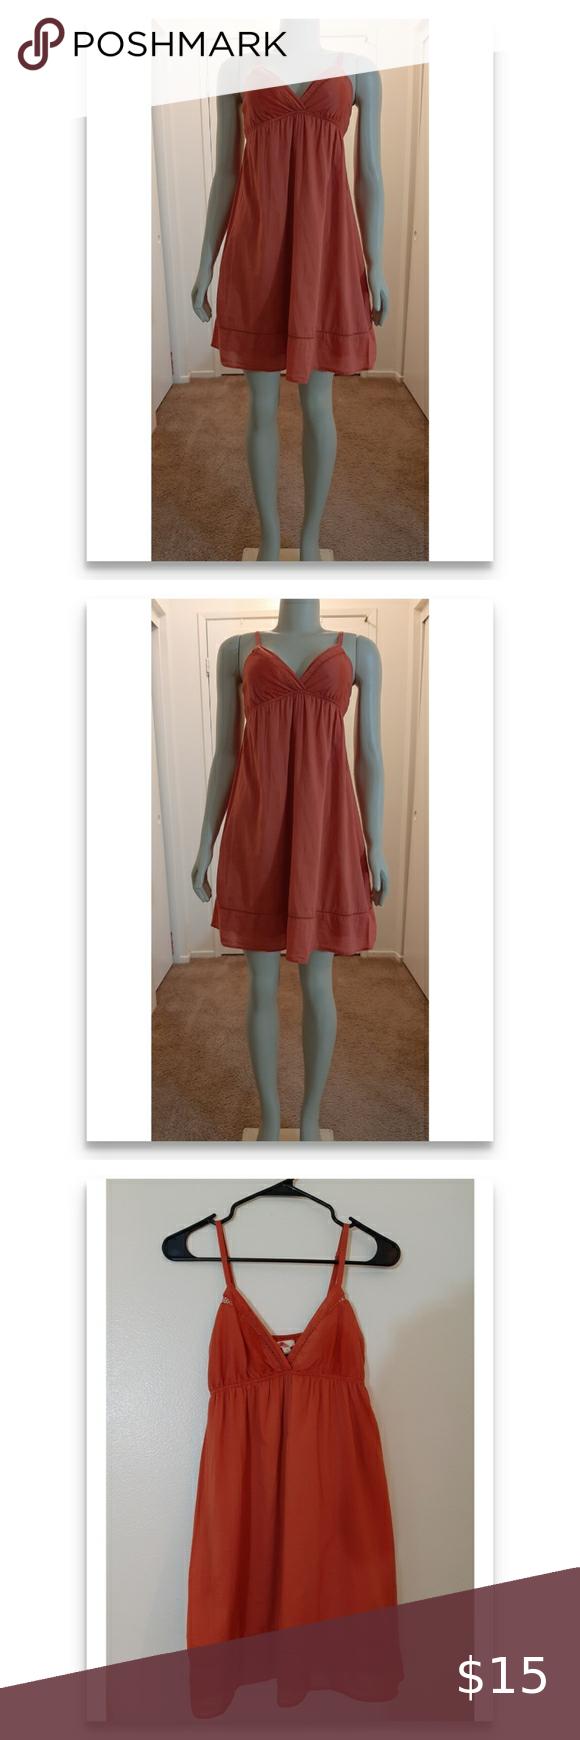 F21 Cotton Summer Dress Cotton Dress Summer Summer Dresses Summer Cotton [ 1740 x 580 Pixel ]